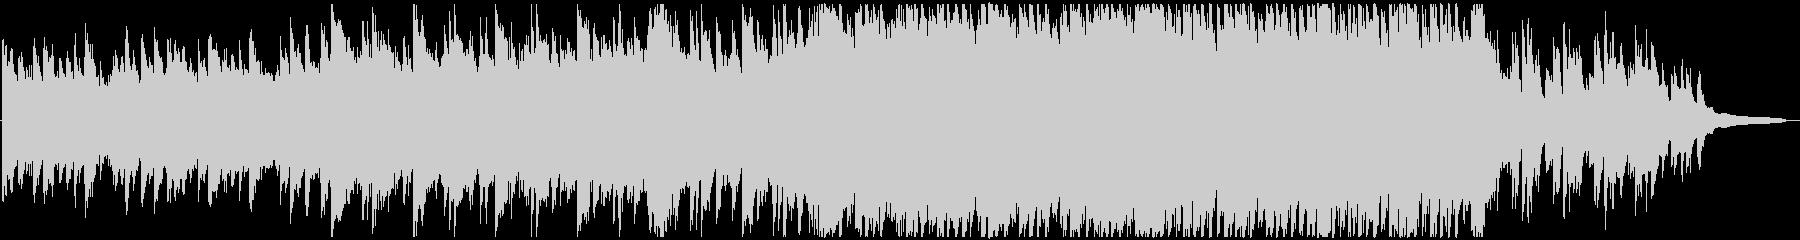 VP系12A、感動的ピアノ&オーケストラの未再生の波形